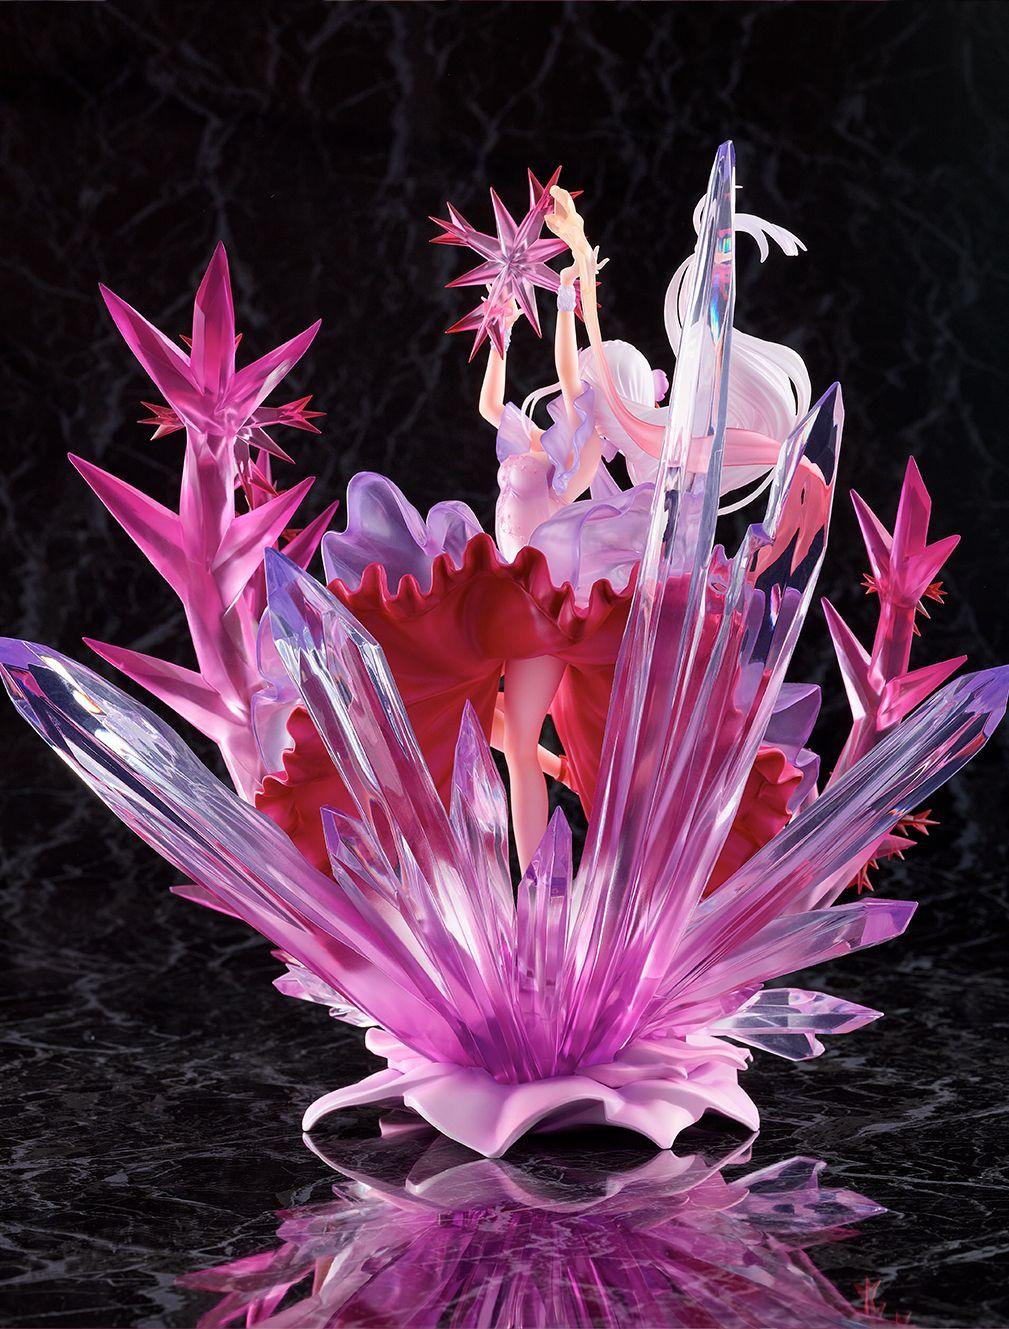 【限定販売】Re:ゼロから始める異世界生活『氷結のエミリア -Crystal Dress Ver-』 1/7 完成品フィギュア-011